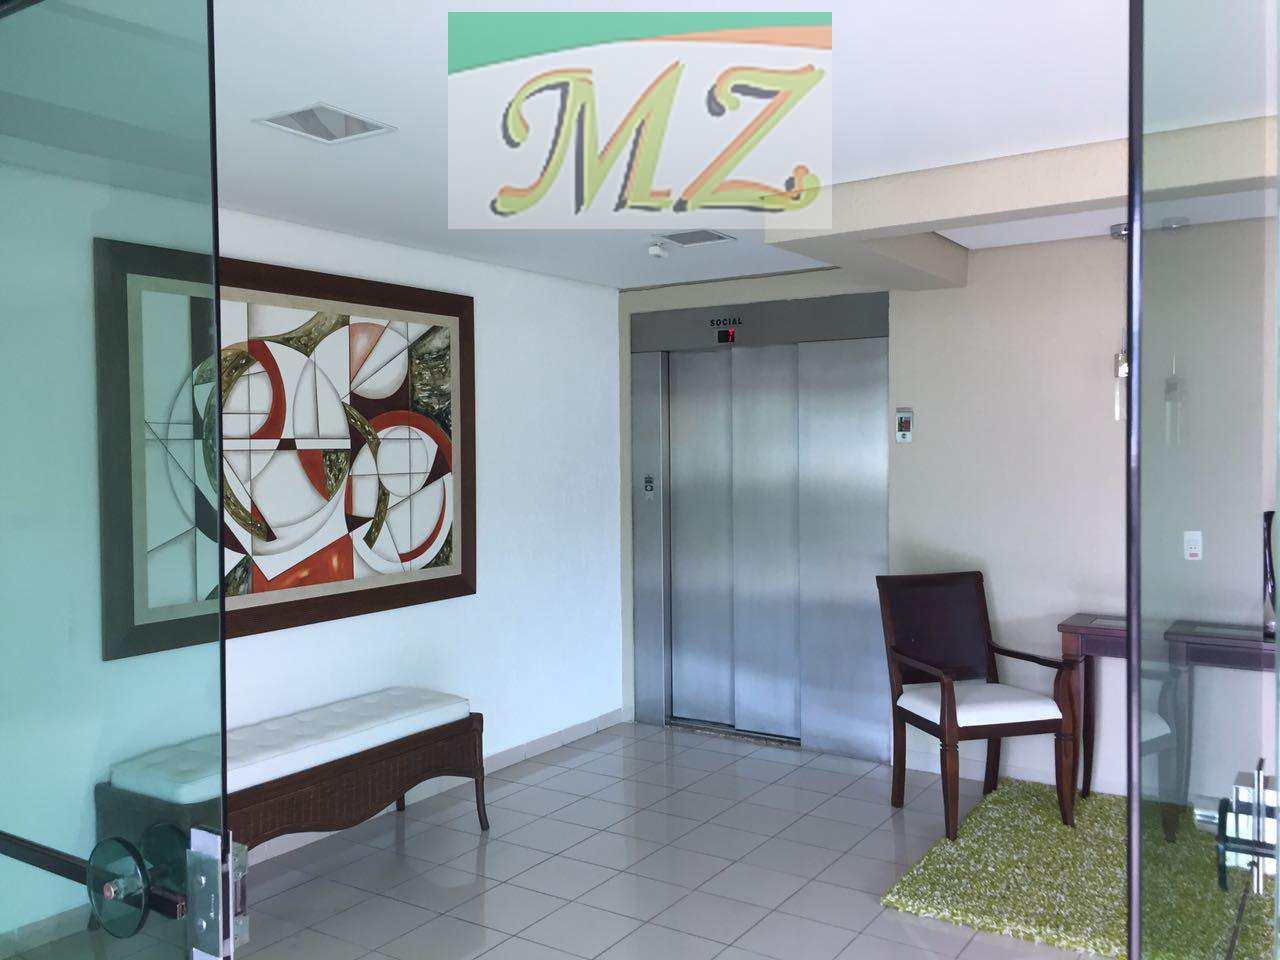 recepção e elevador